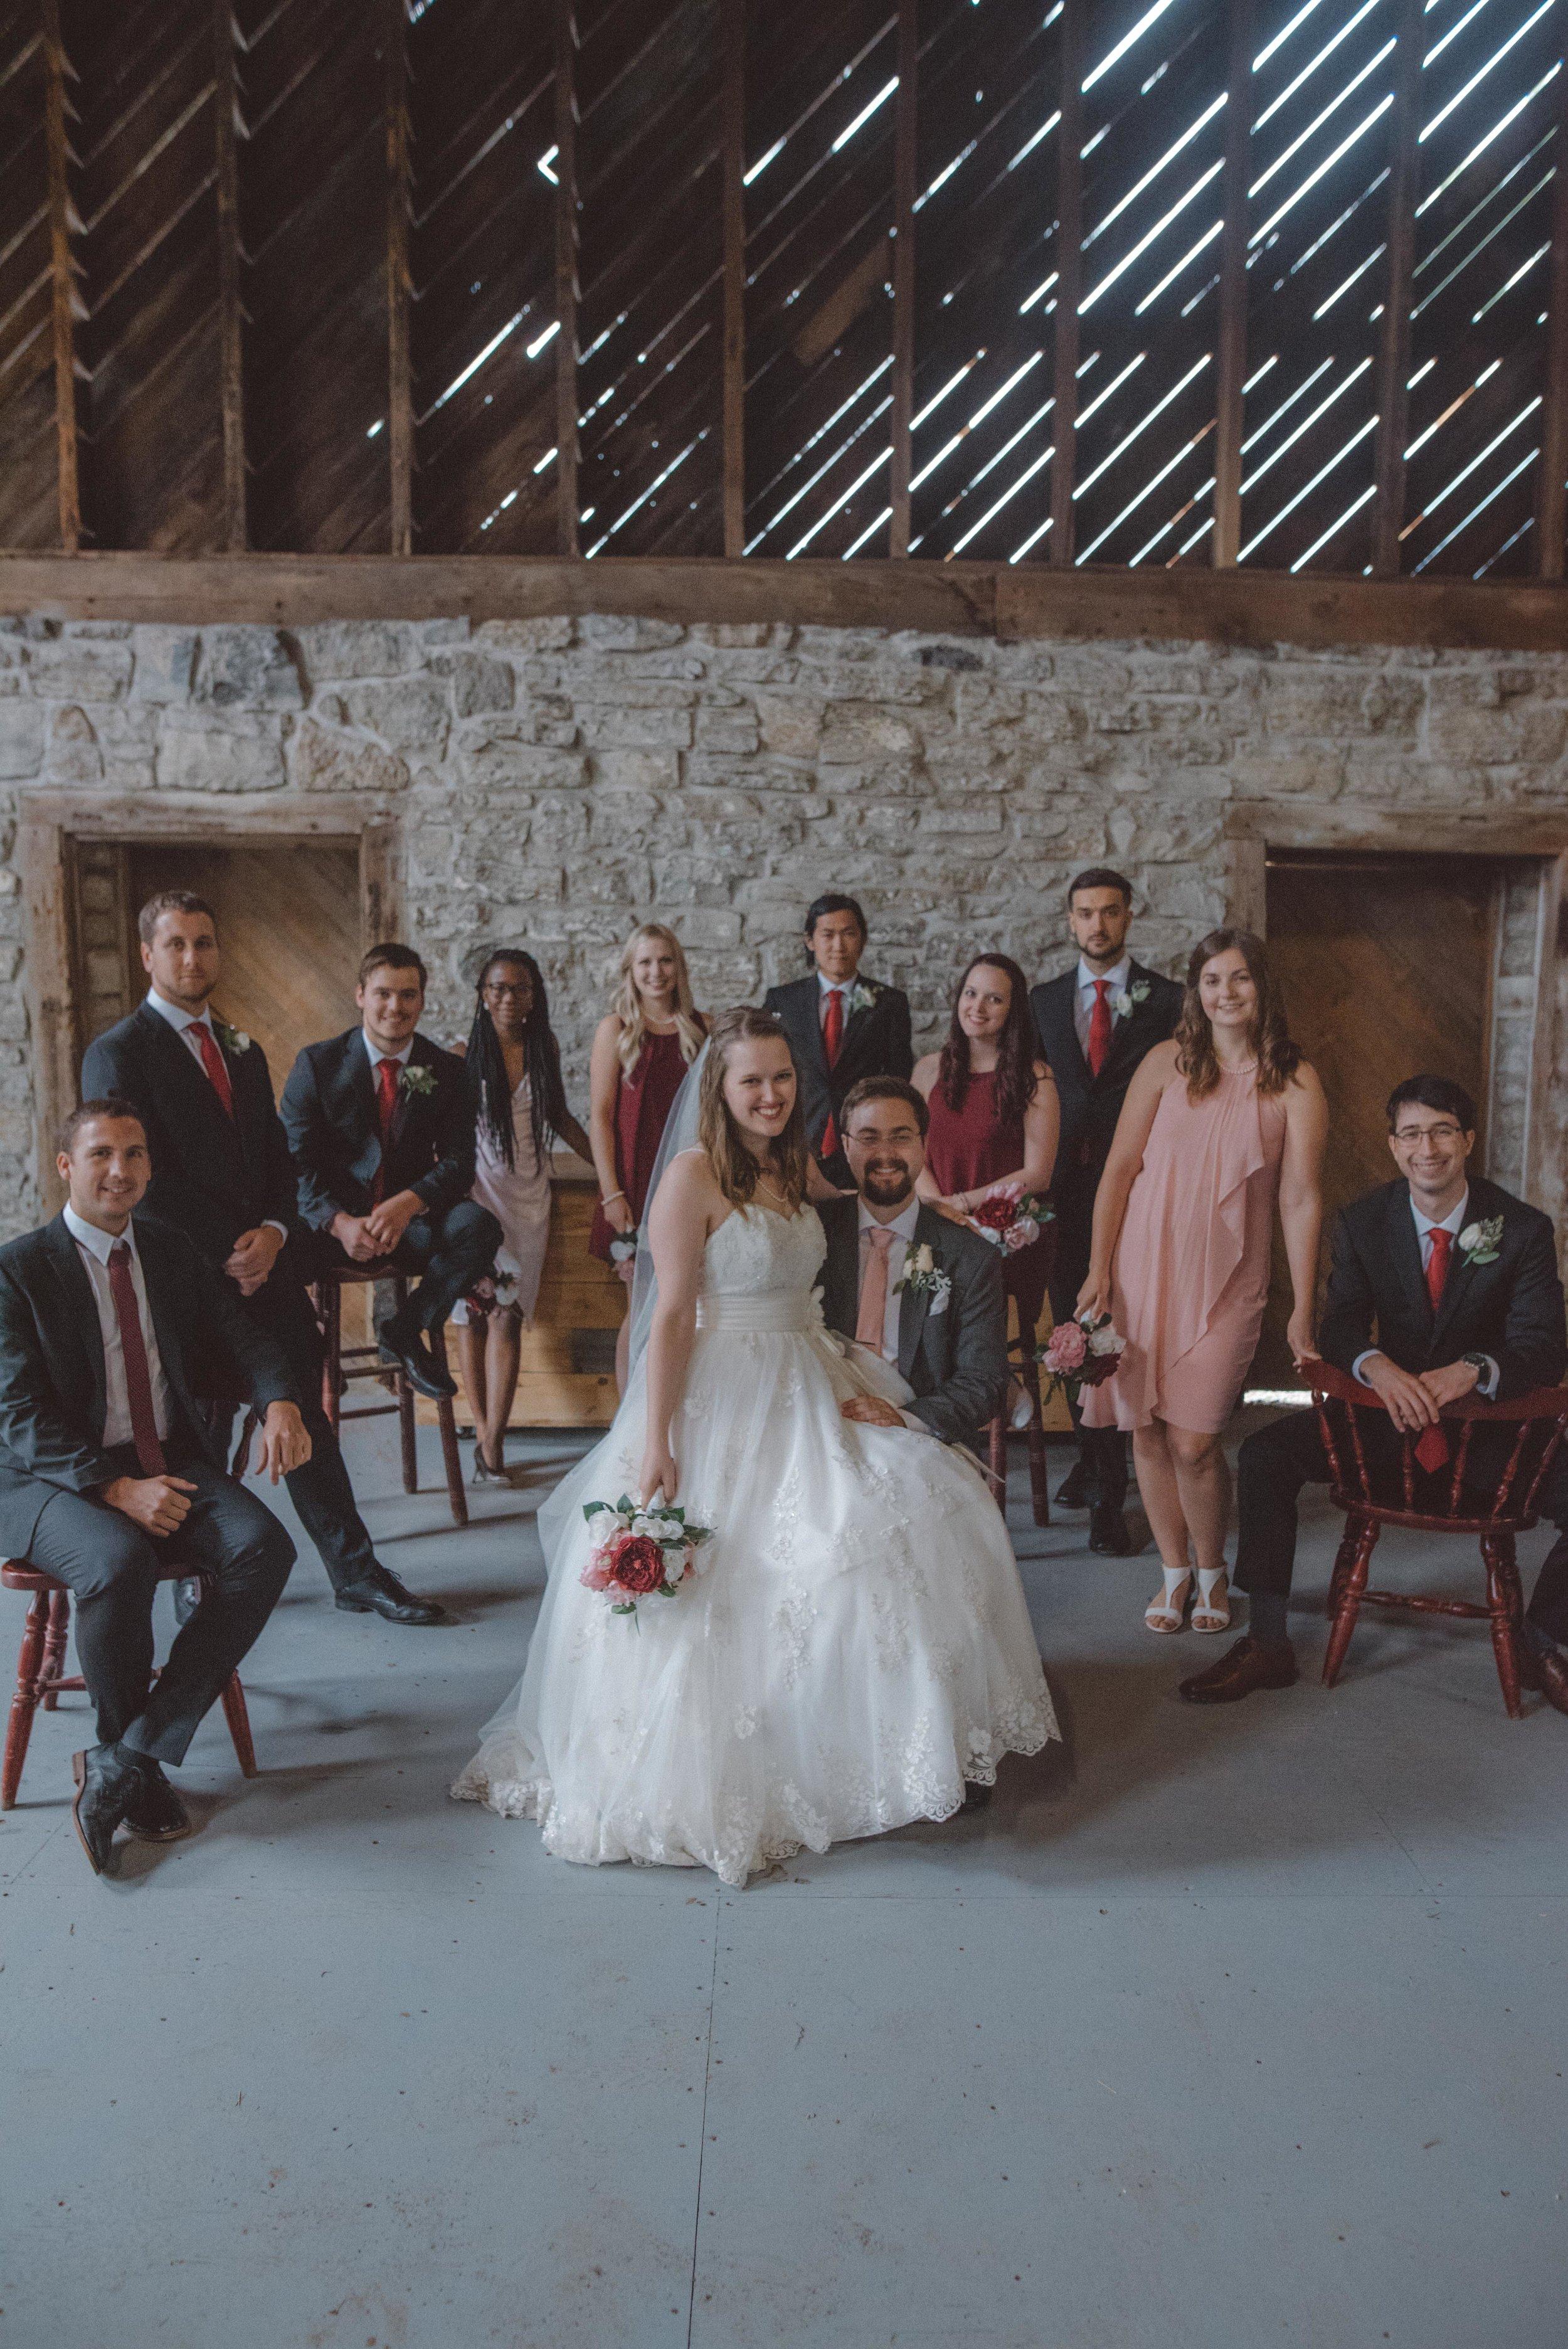 wedding_photographer_lifestyle_documentary_photographe_ottawa_gatineau-6.jpg